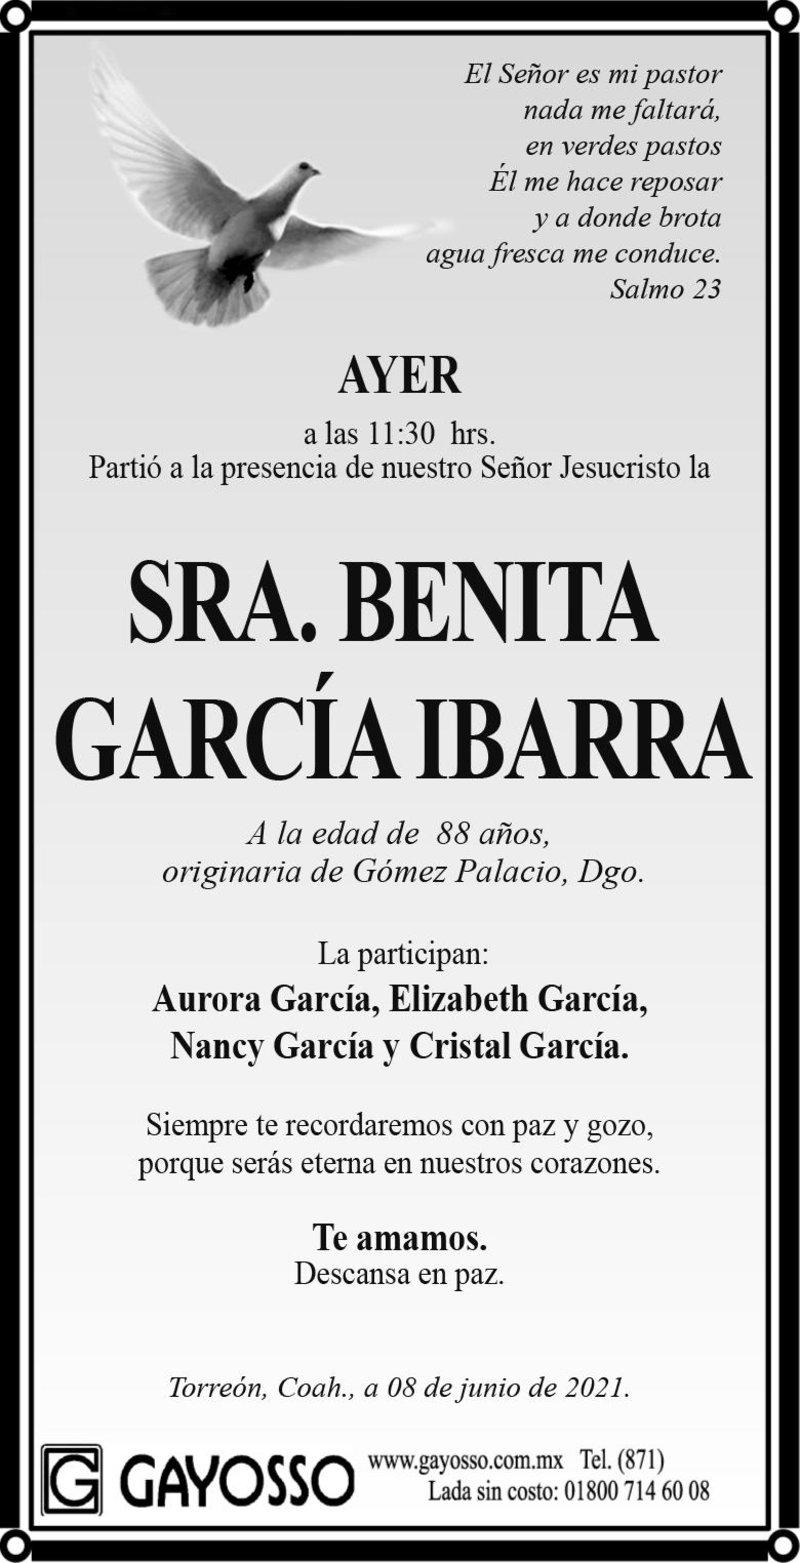 ESQUELA: SRA. BENITA GARCÍA IBARRA. Ayer a las 11:30 hrs. Falleció la Sra. Benita García Ibarra, a la edad de 88 años. Descanse en paz.